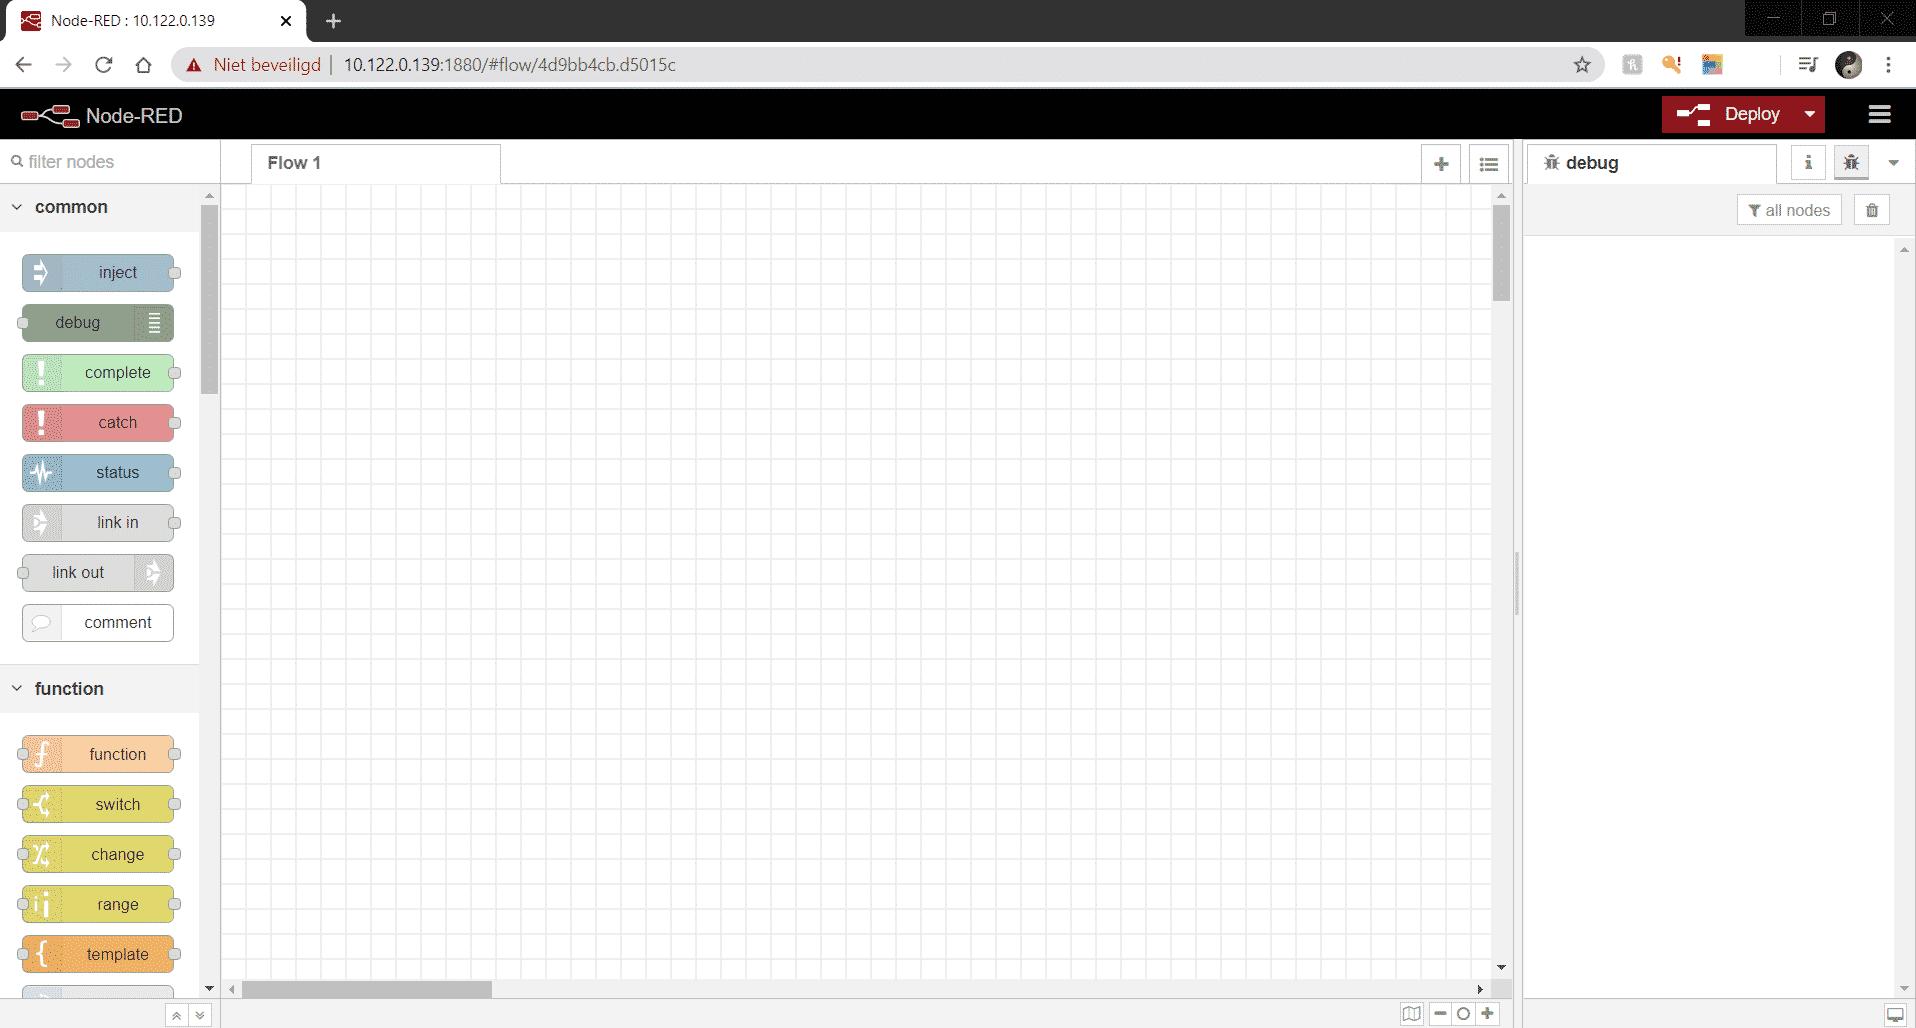 Hier zie je een het scherm wat je krijgt na het verbinden met Node-RED op jou Raspberry Pi